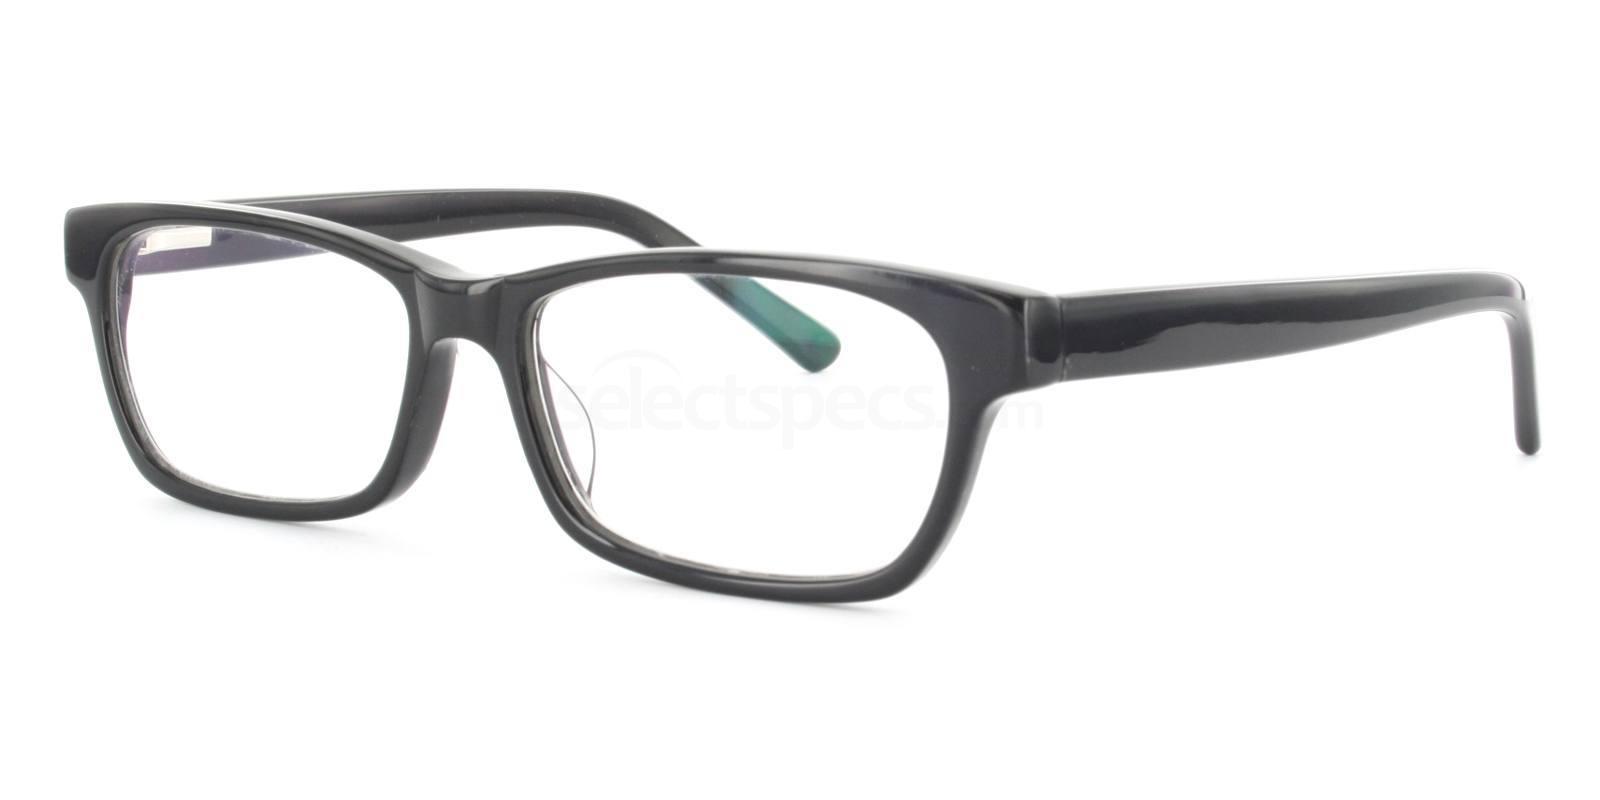 C1 A6678 Glasses, Infinity